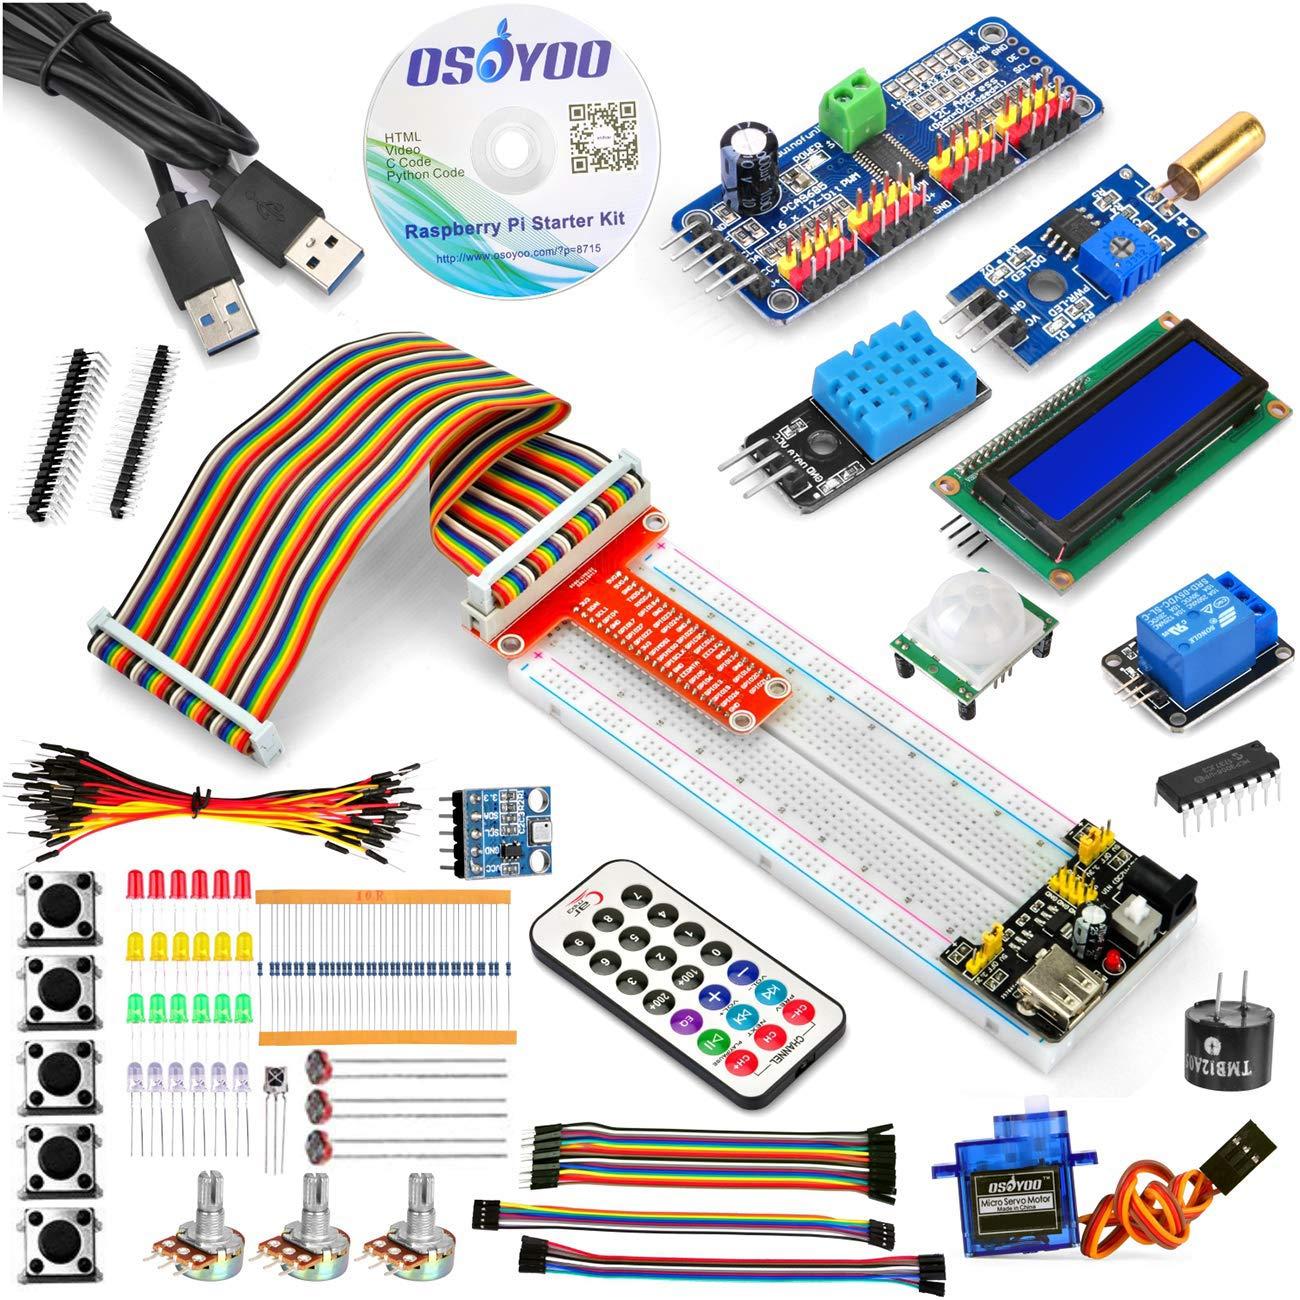 Awesome Osoyoo Raspberry Pi 3 Starter Kit Diy Electronic Rpi Learning Kit Wiring Cloud Usnesfoxcilixyz